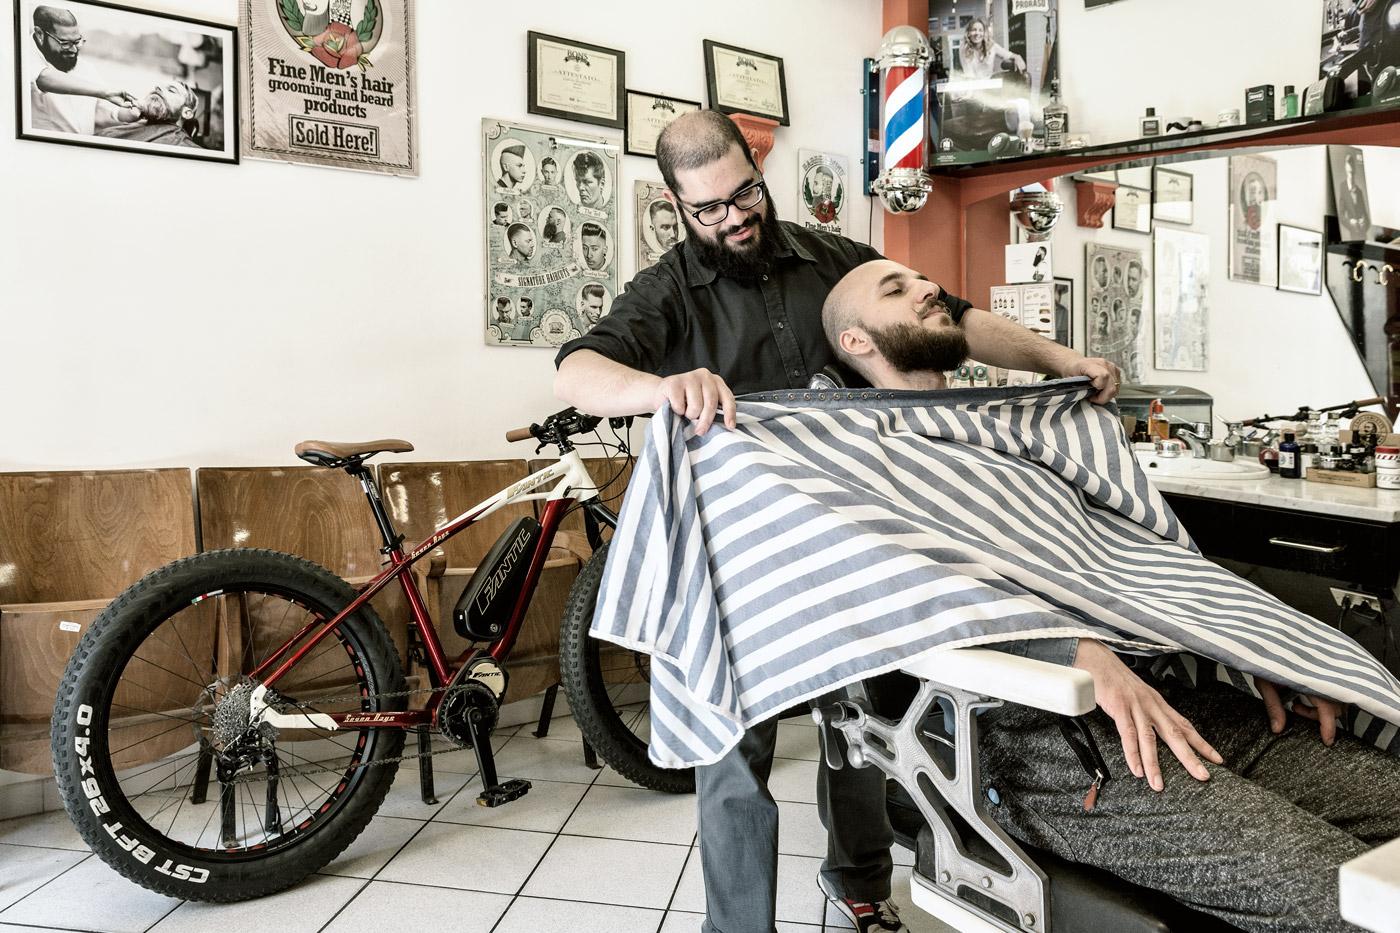 fantic-fat-bike-vintage-barber